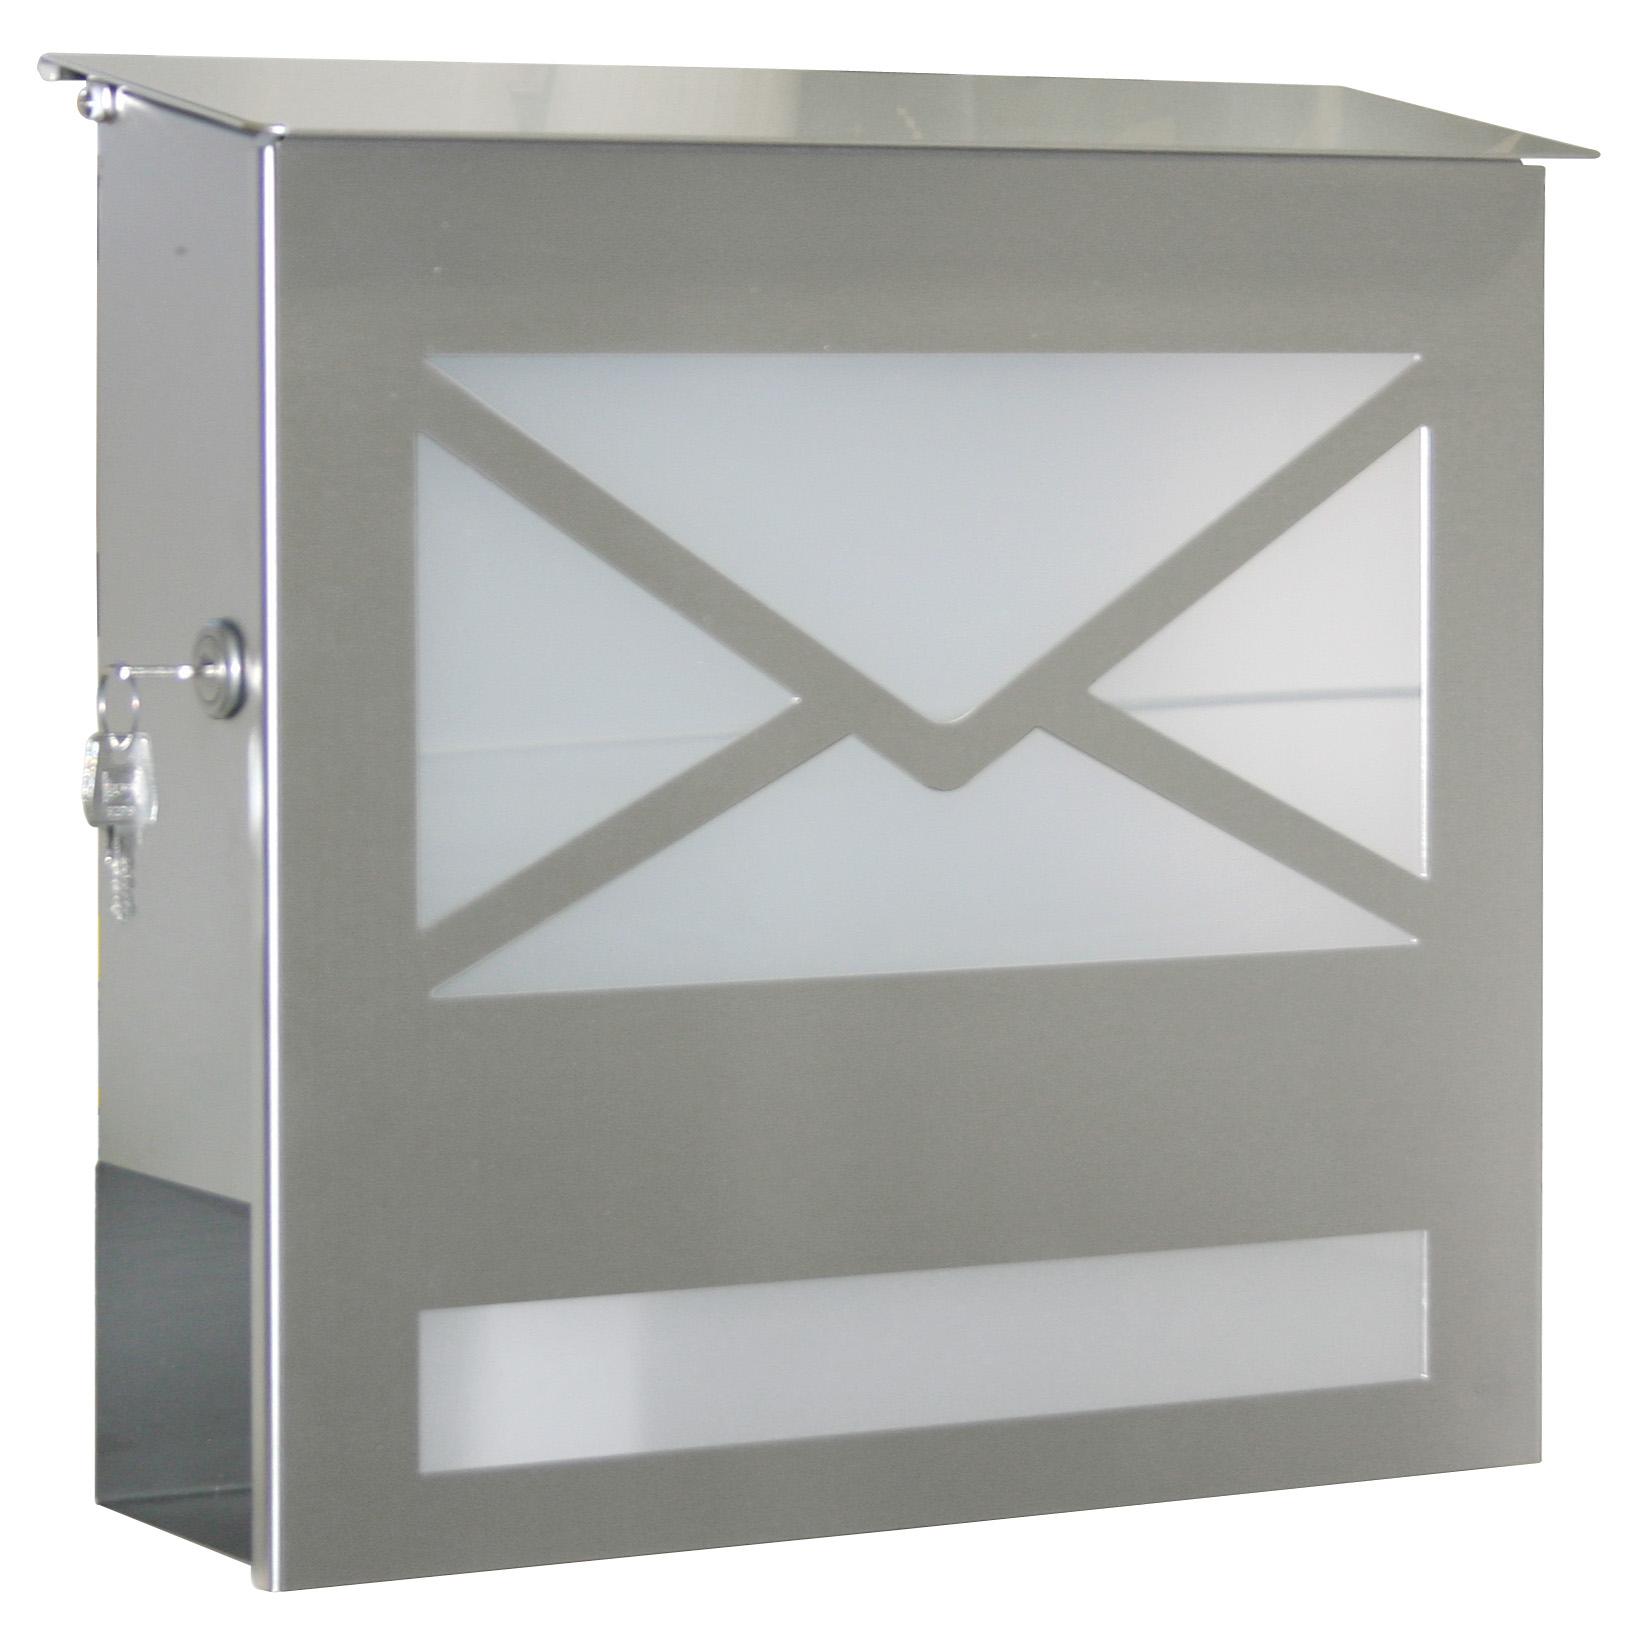 heibi briefkasten edelstahl letter mit zeitungsfach schmitt smartes wohnen. Black Bedroom Furniture Sets. Home Design Ideas